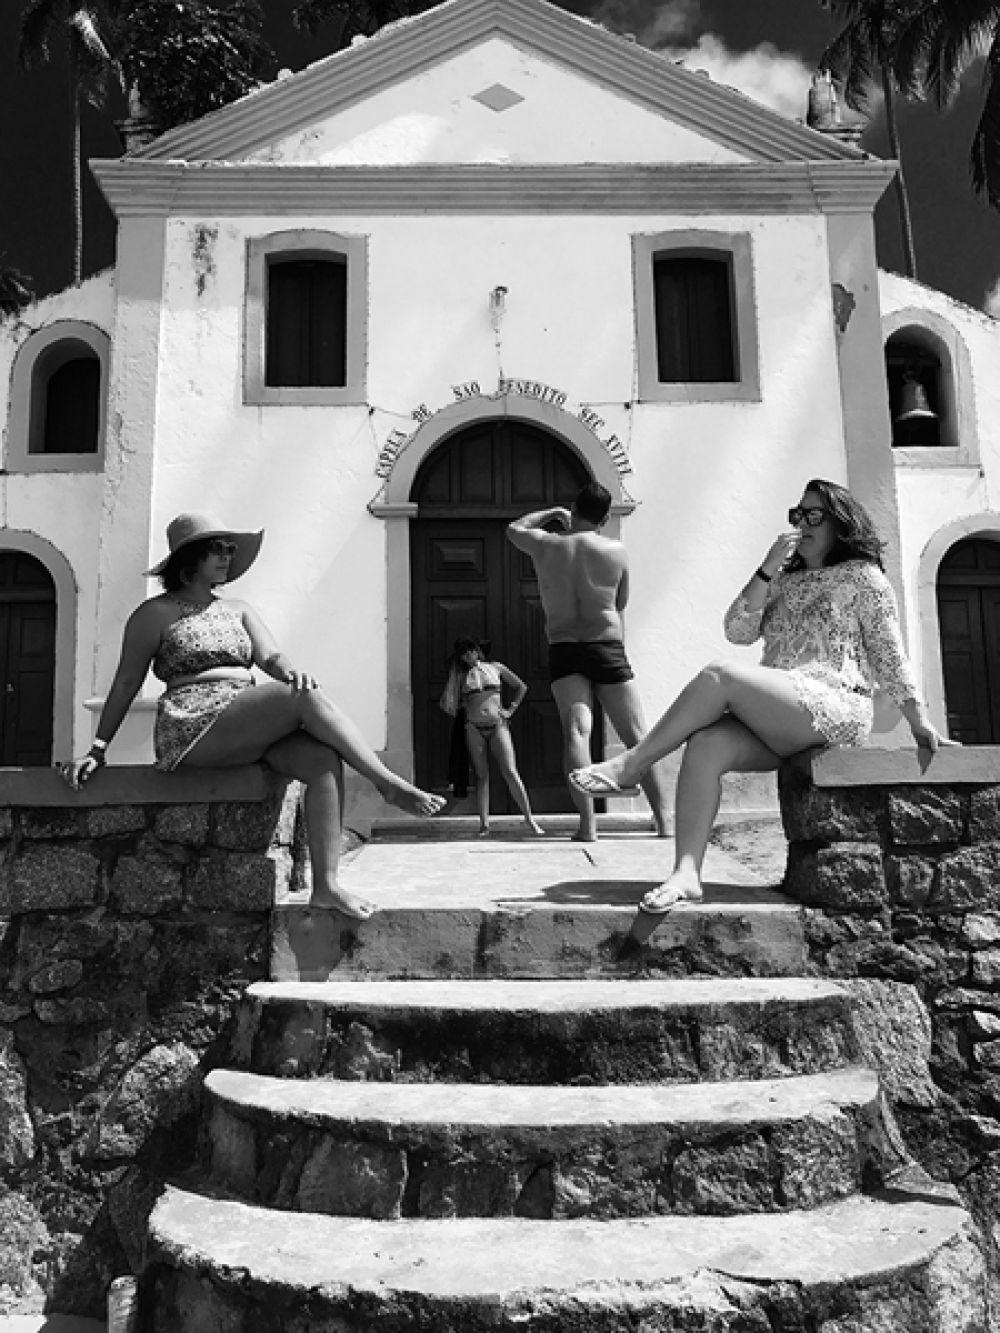 Йонас Виссен, Швейцария. 1-е место в категории «Люди». Туристы фотографируются перед католической часовней в Бразилии. Снято на iPhone 7 Plus.